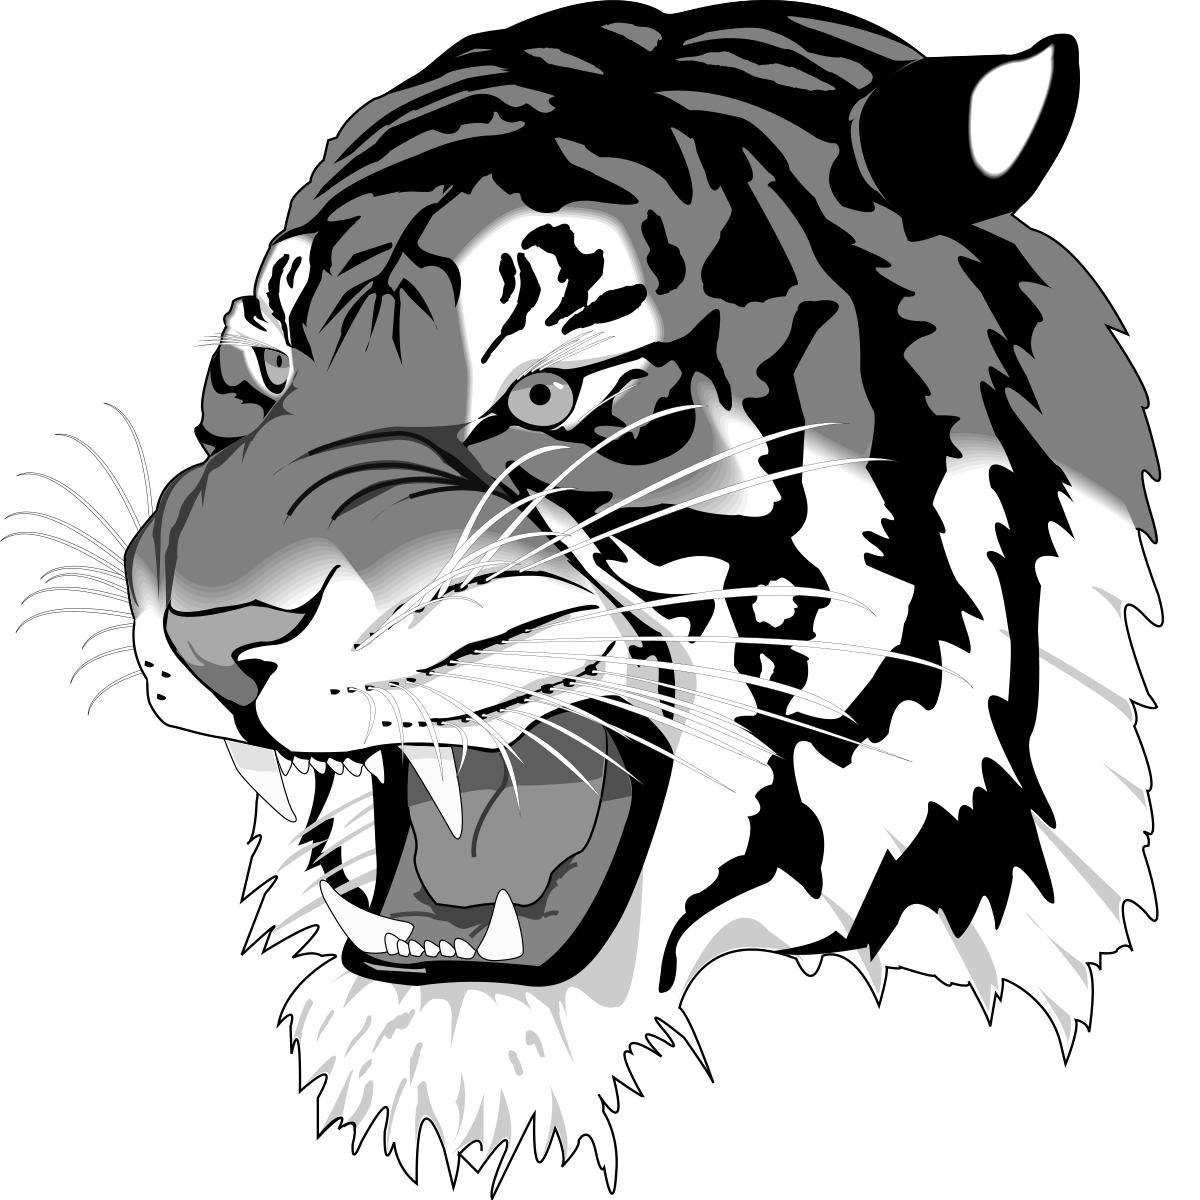 images/ghostscript-tiger.png